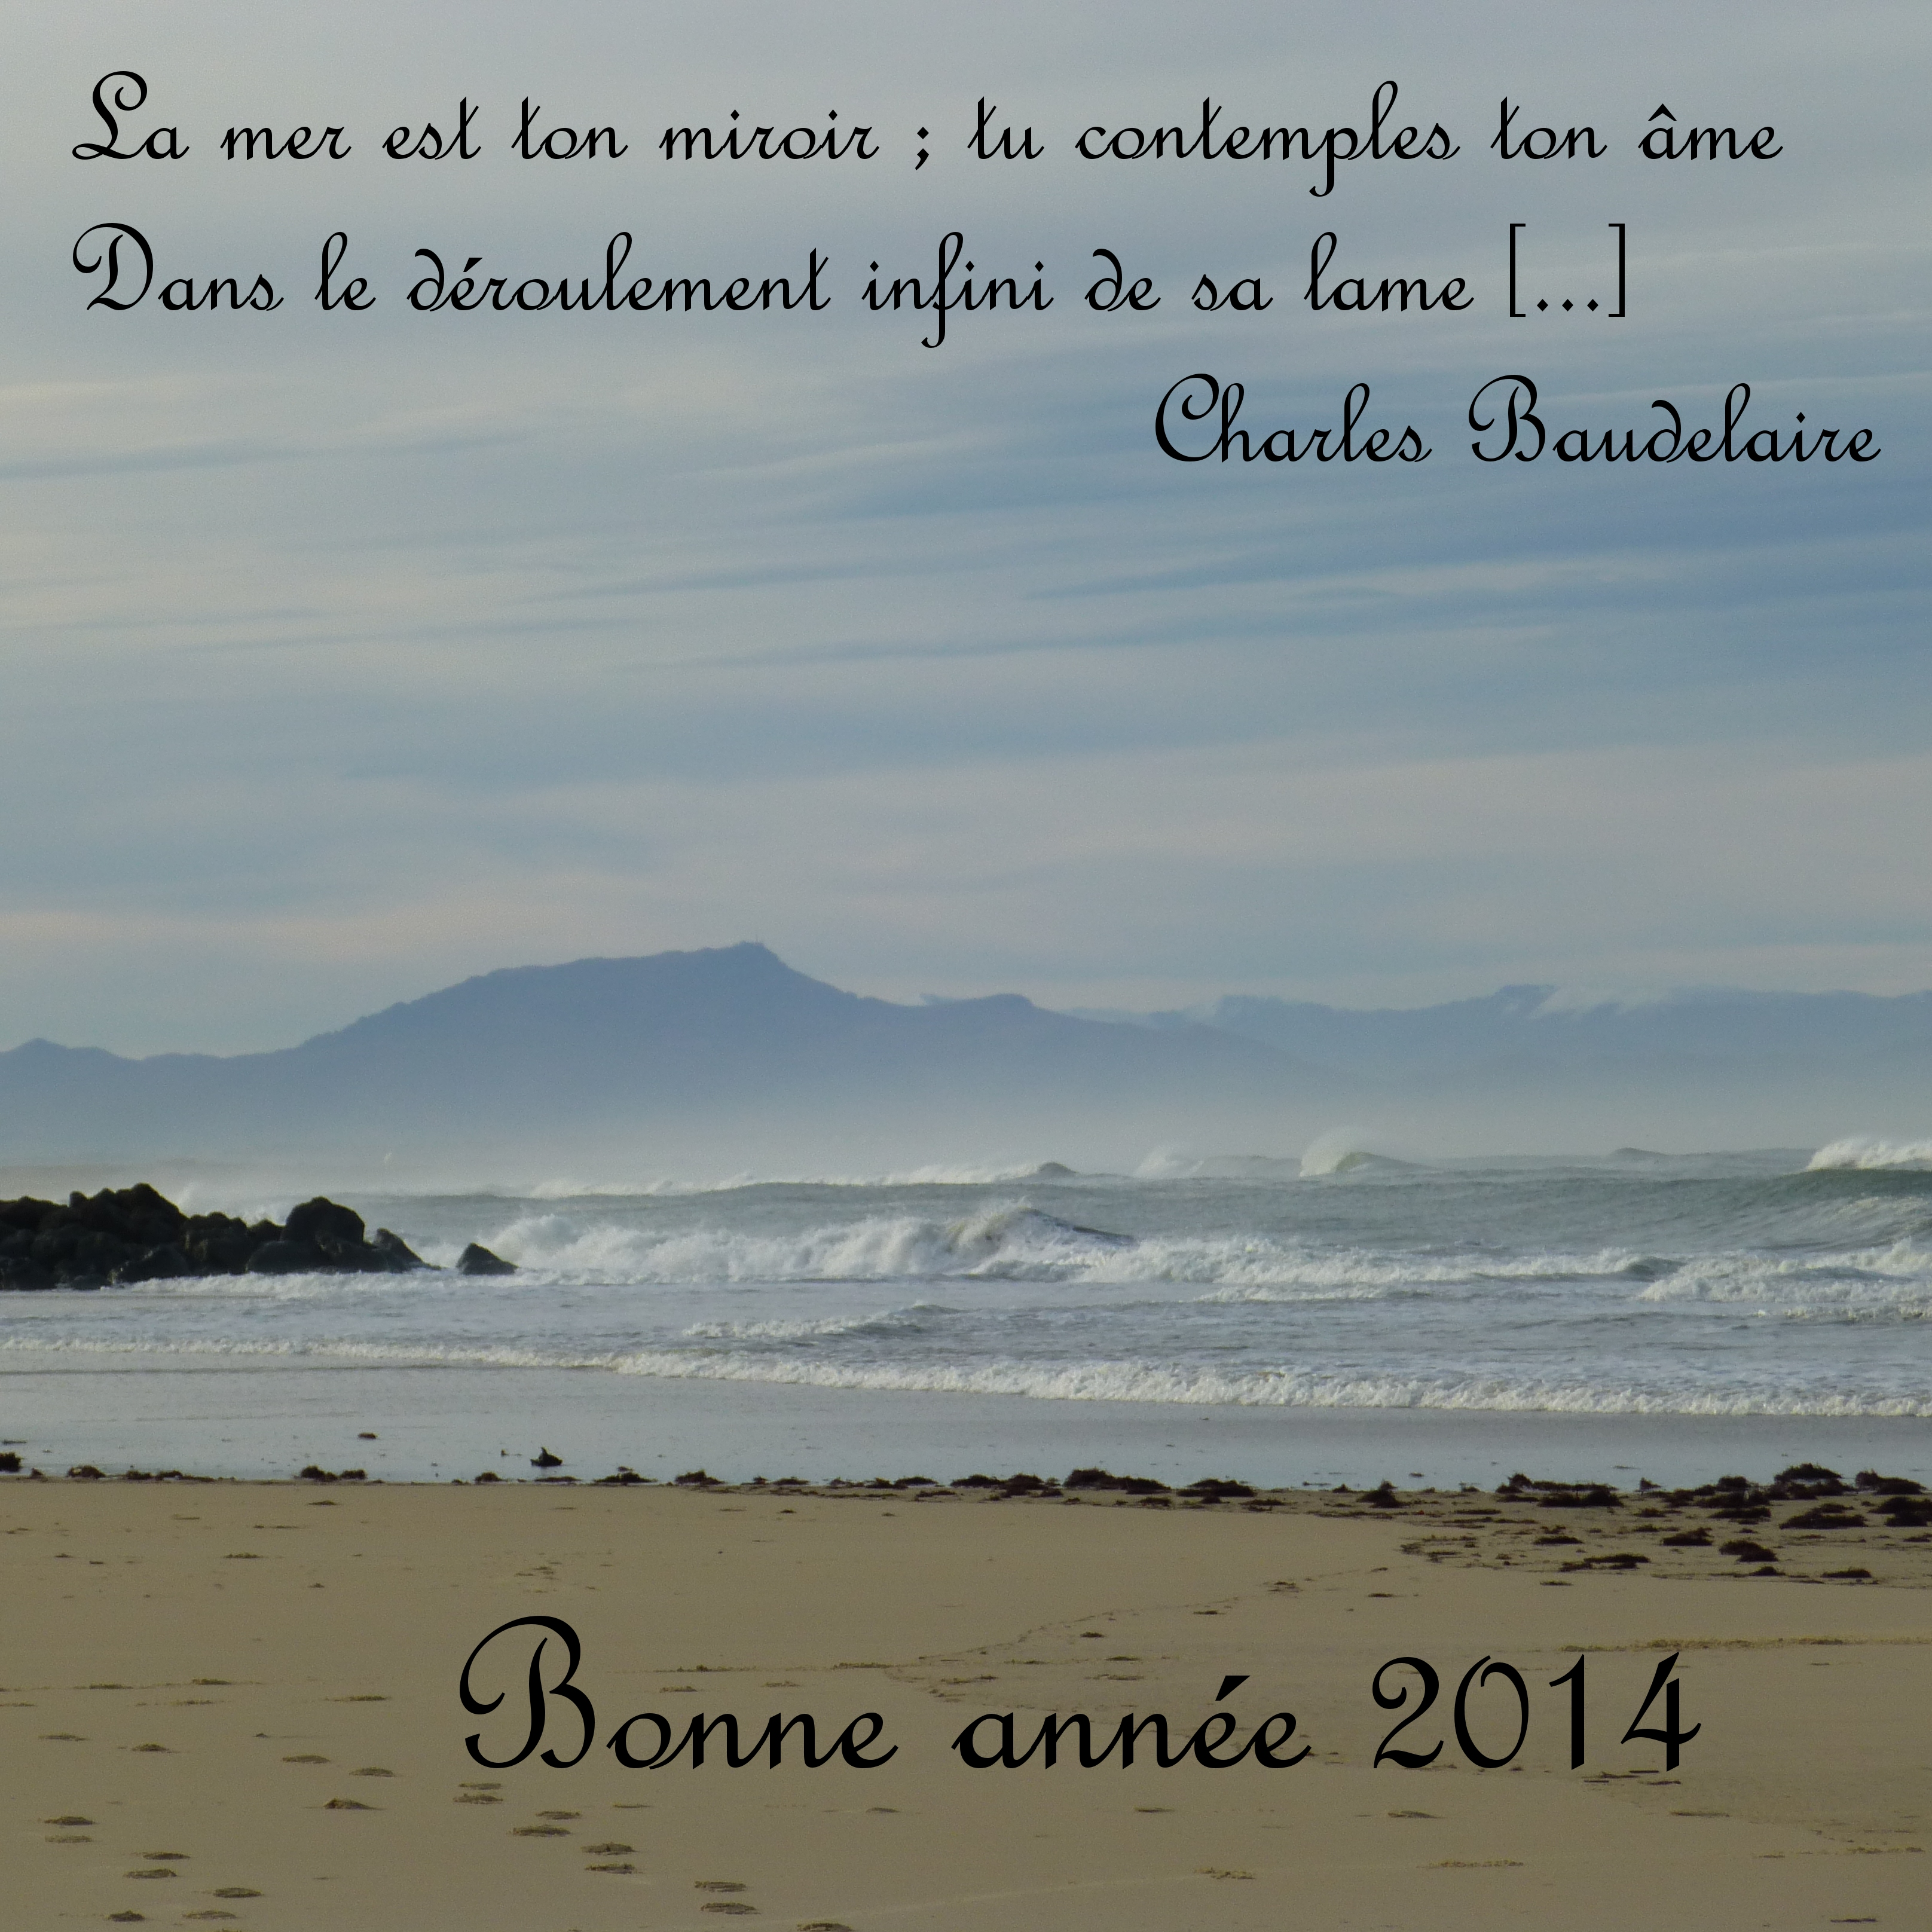 bonne année 2014 2